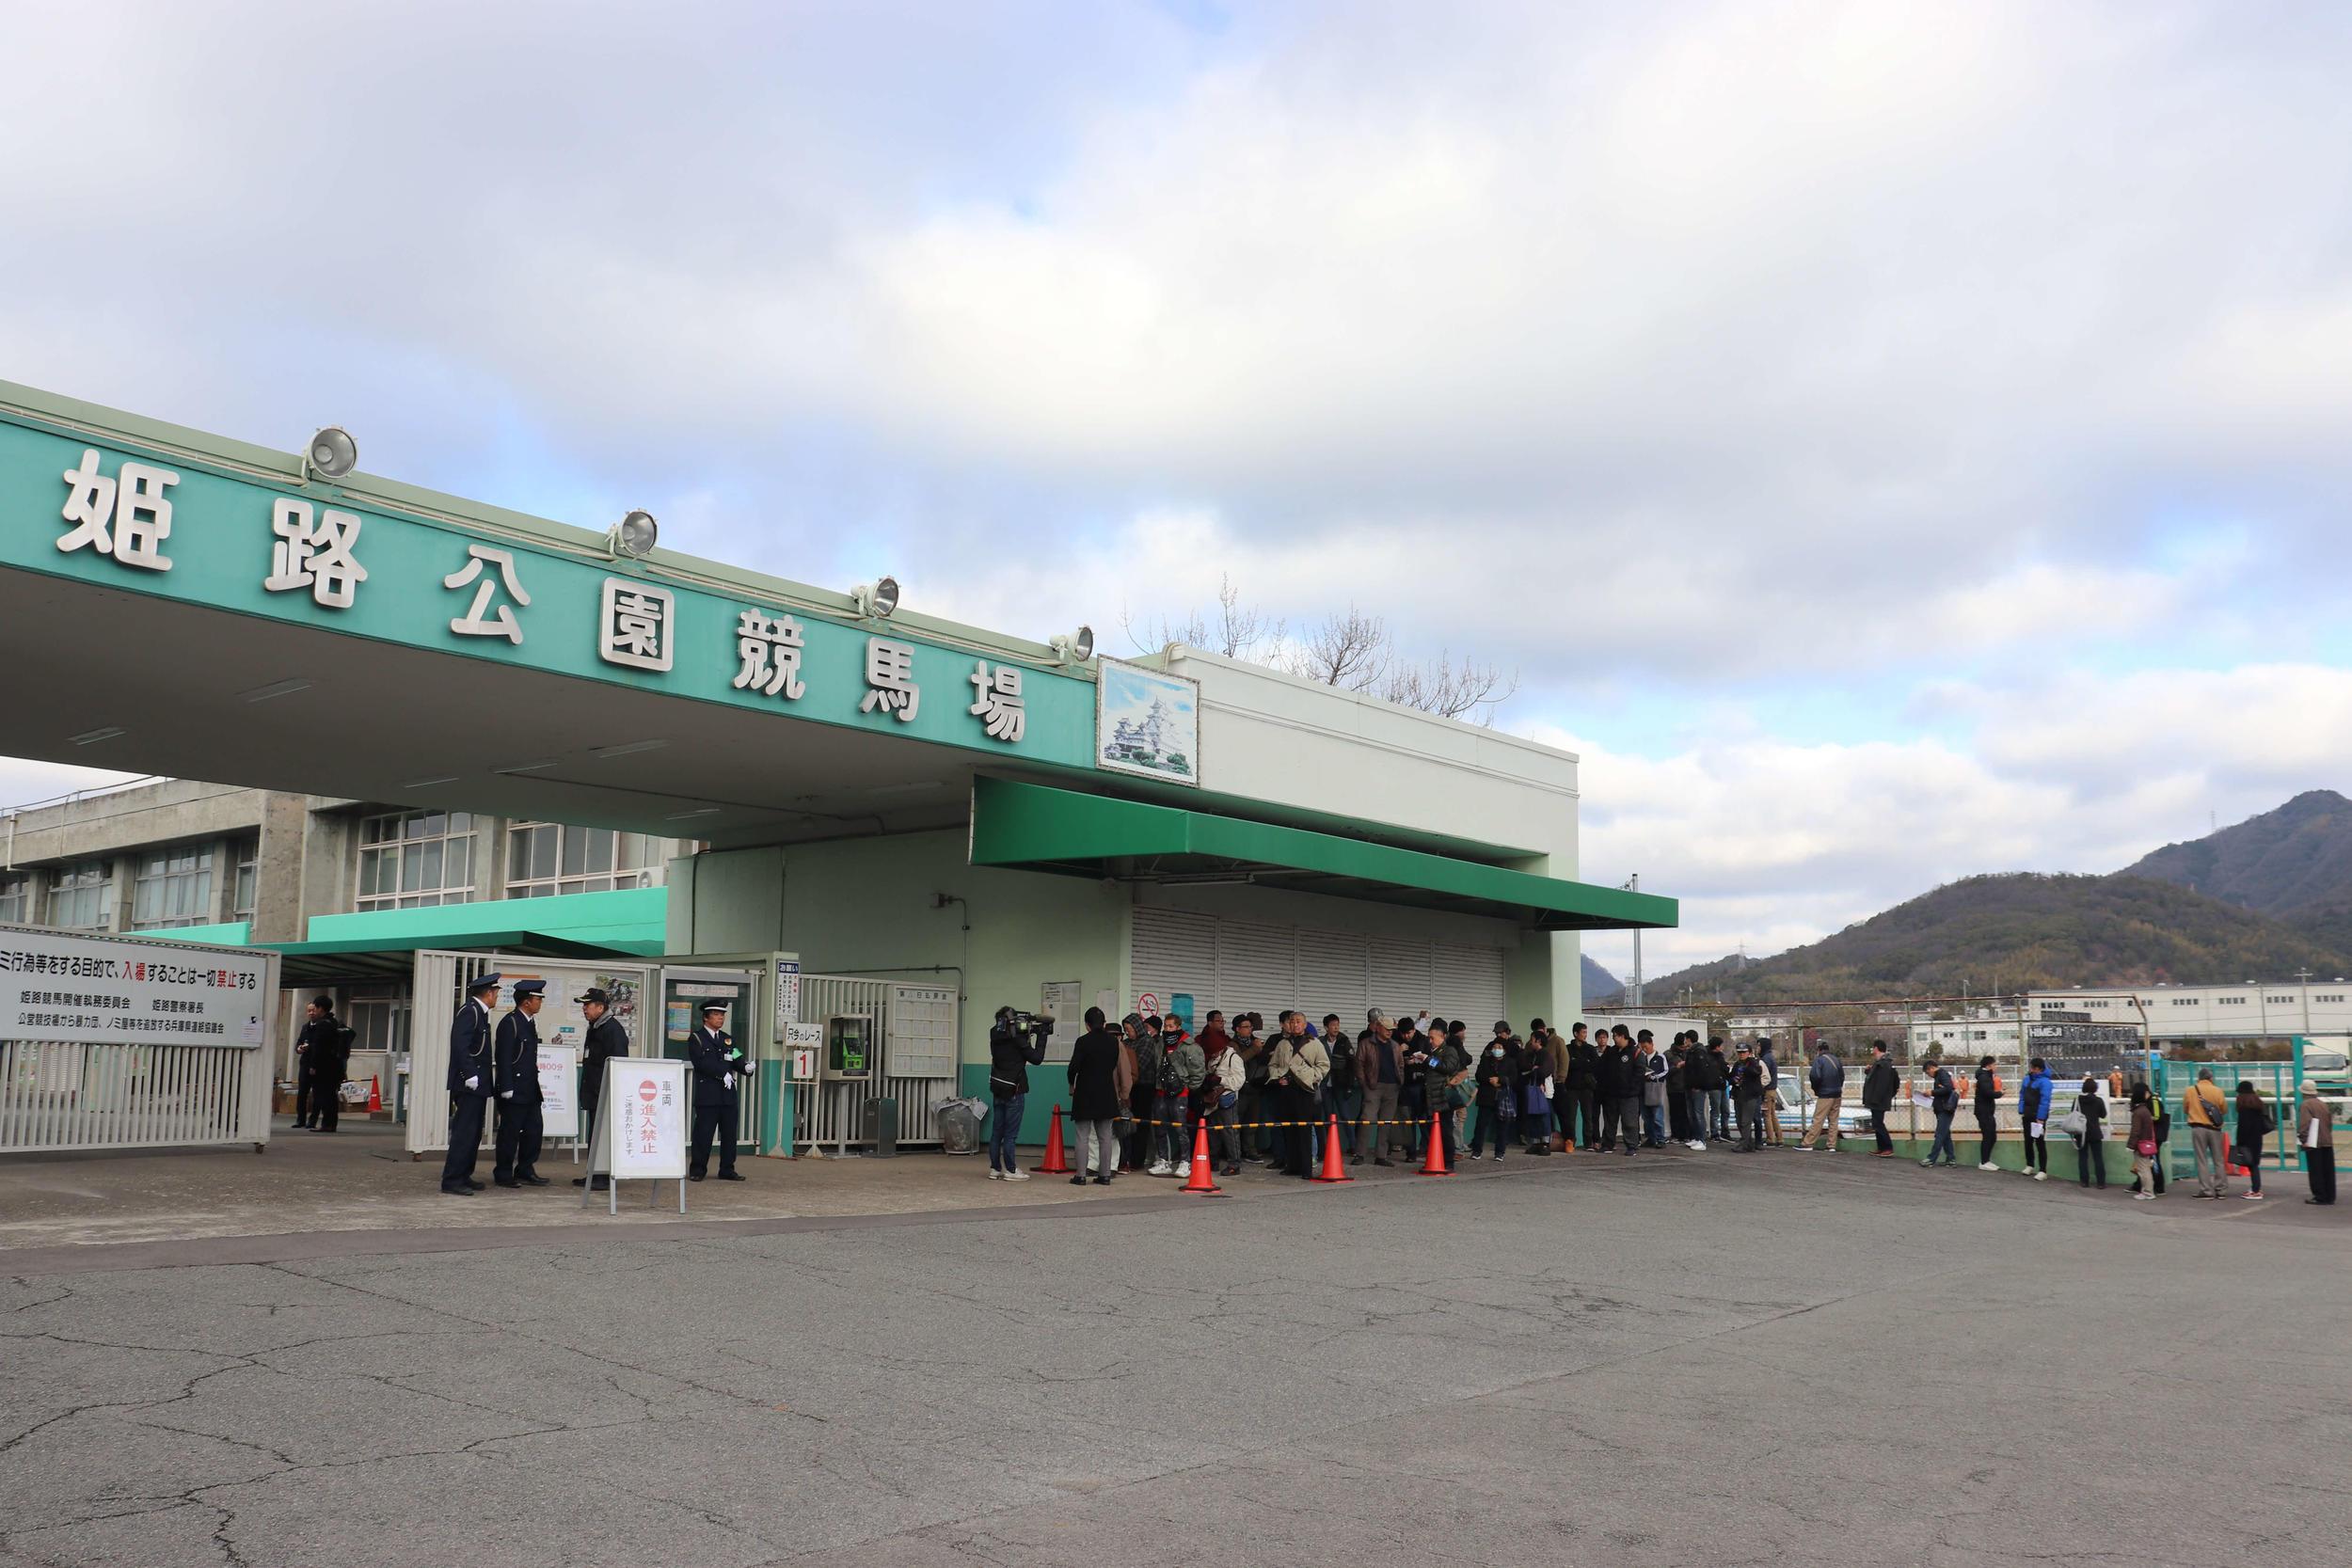 競馬 姫路 兵庫県のワクチン大規模接種 園田と姫路の両競馬場でも実施へ 総合 神戸新聞NEXT